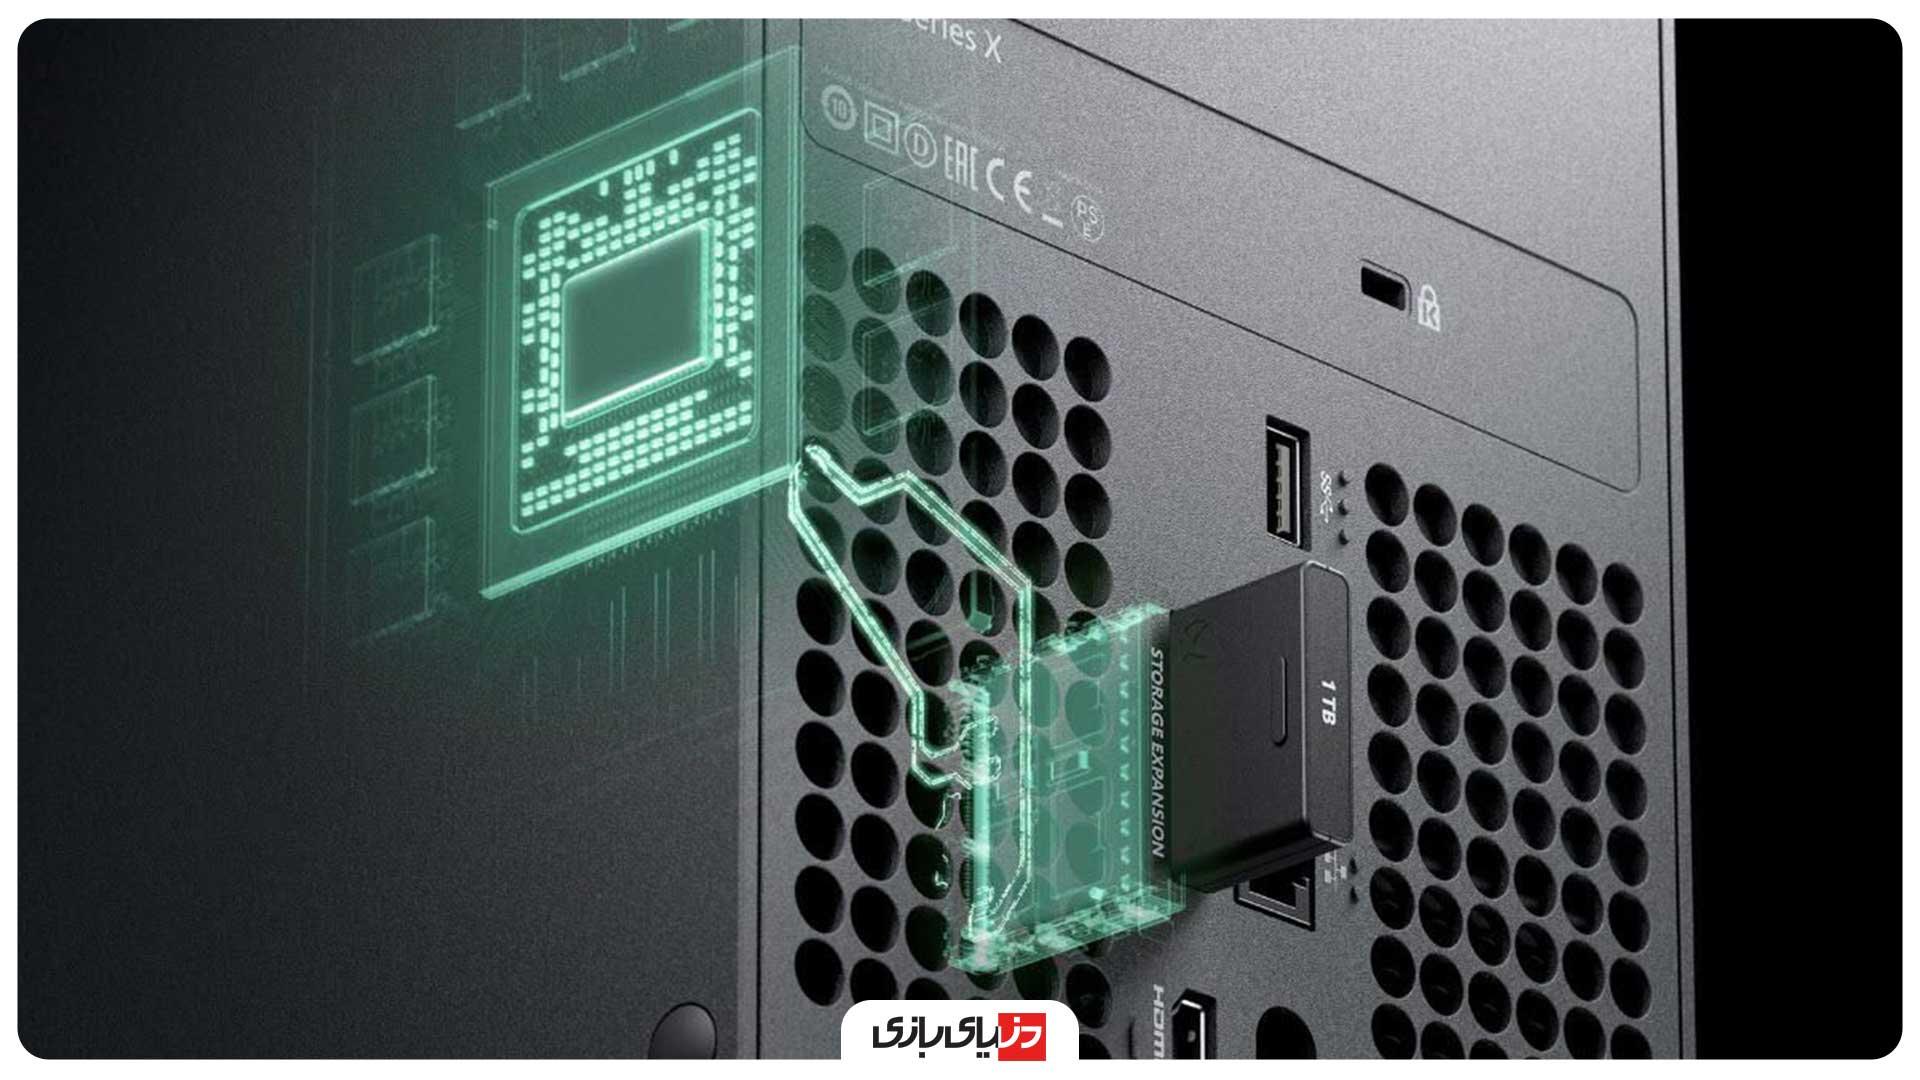 مقایسه حافظه PS5 با Xbox Series X